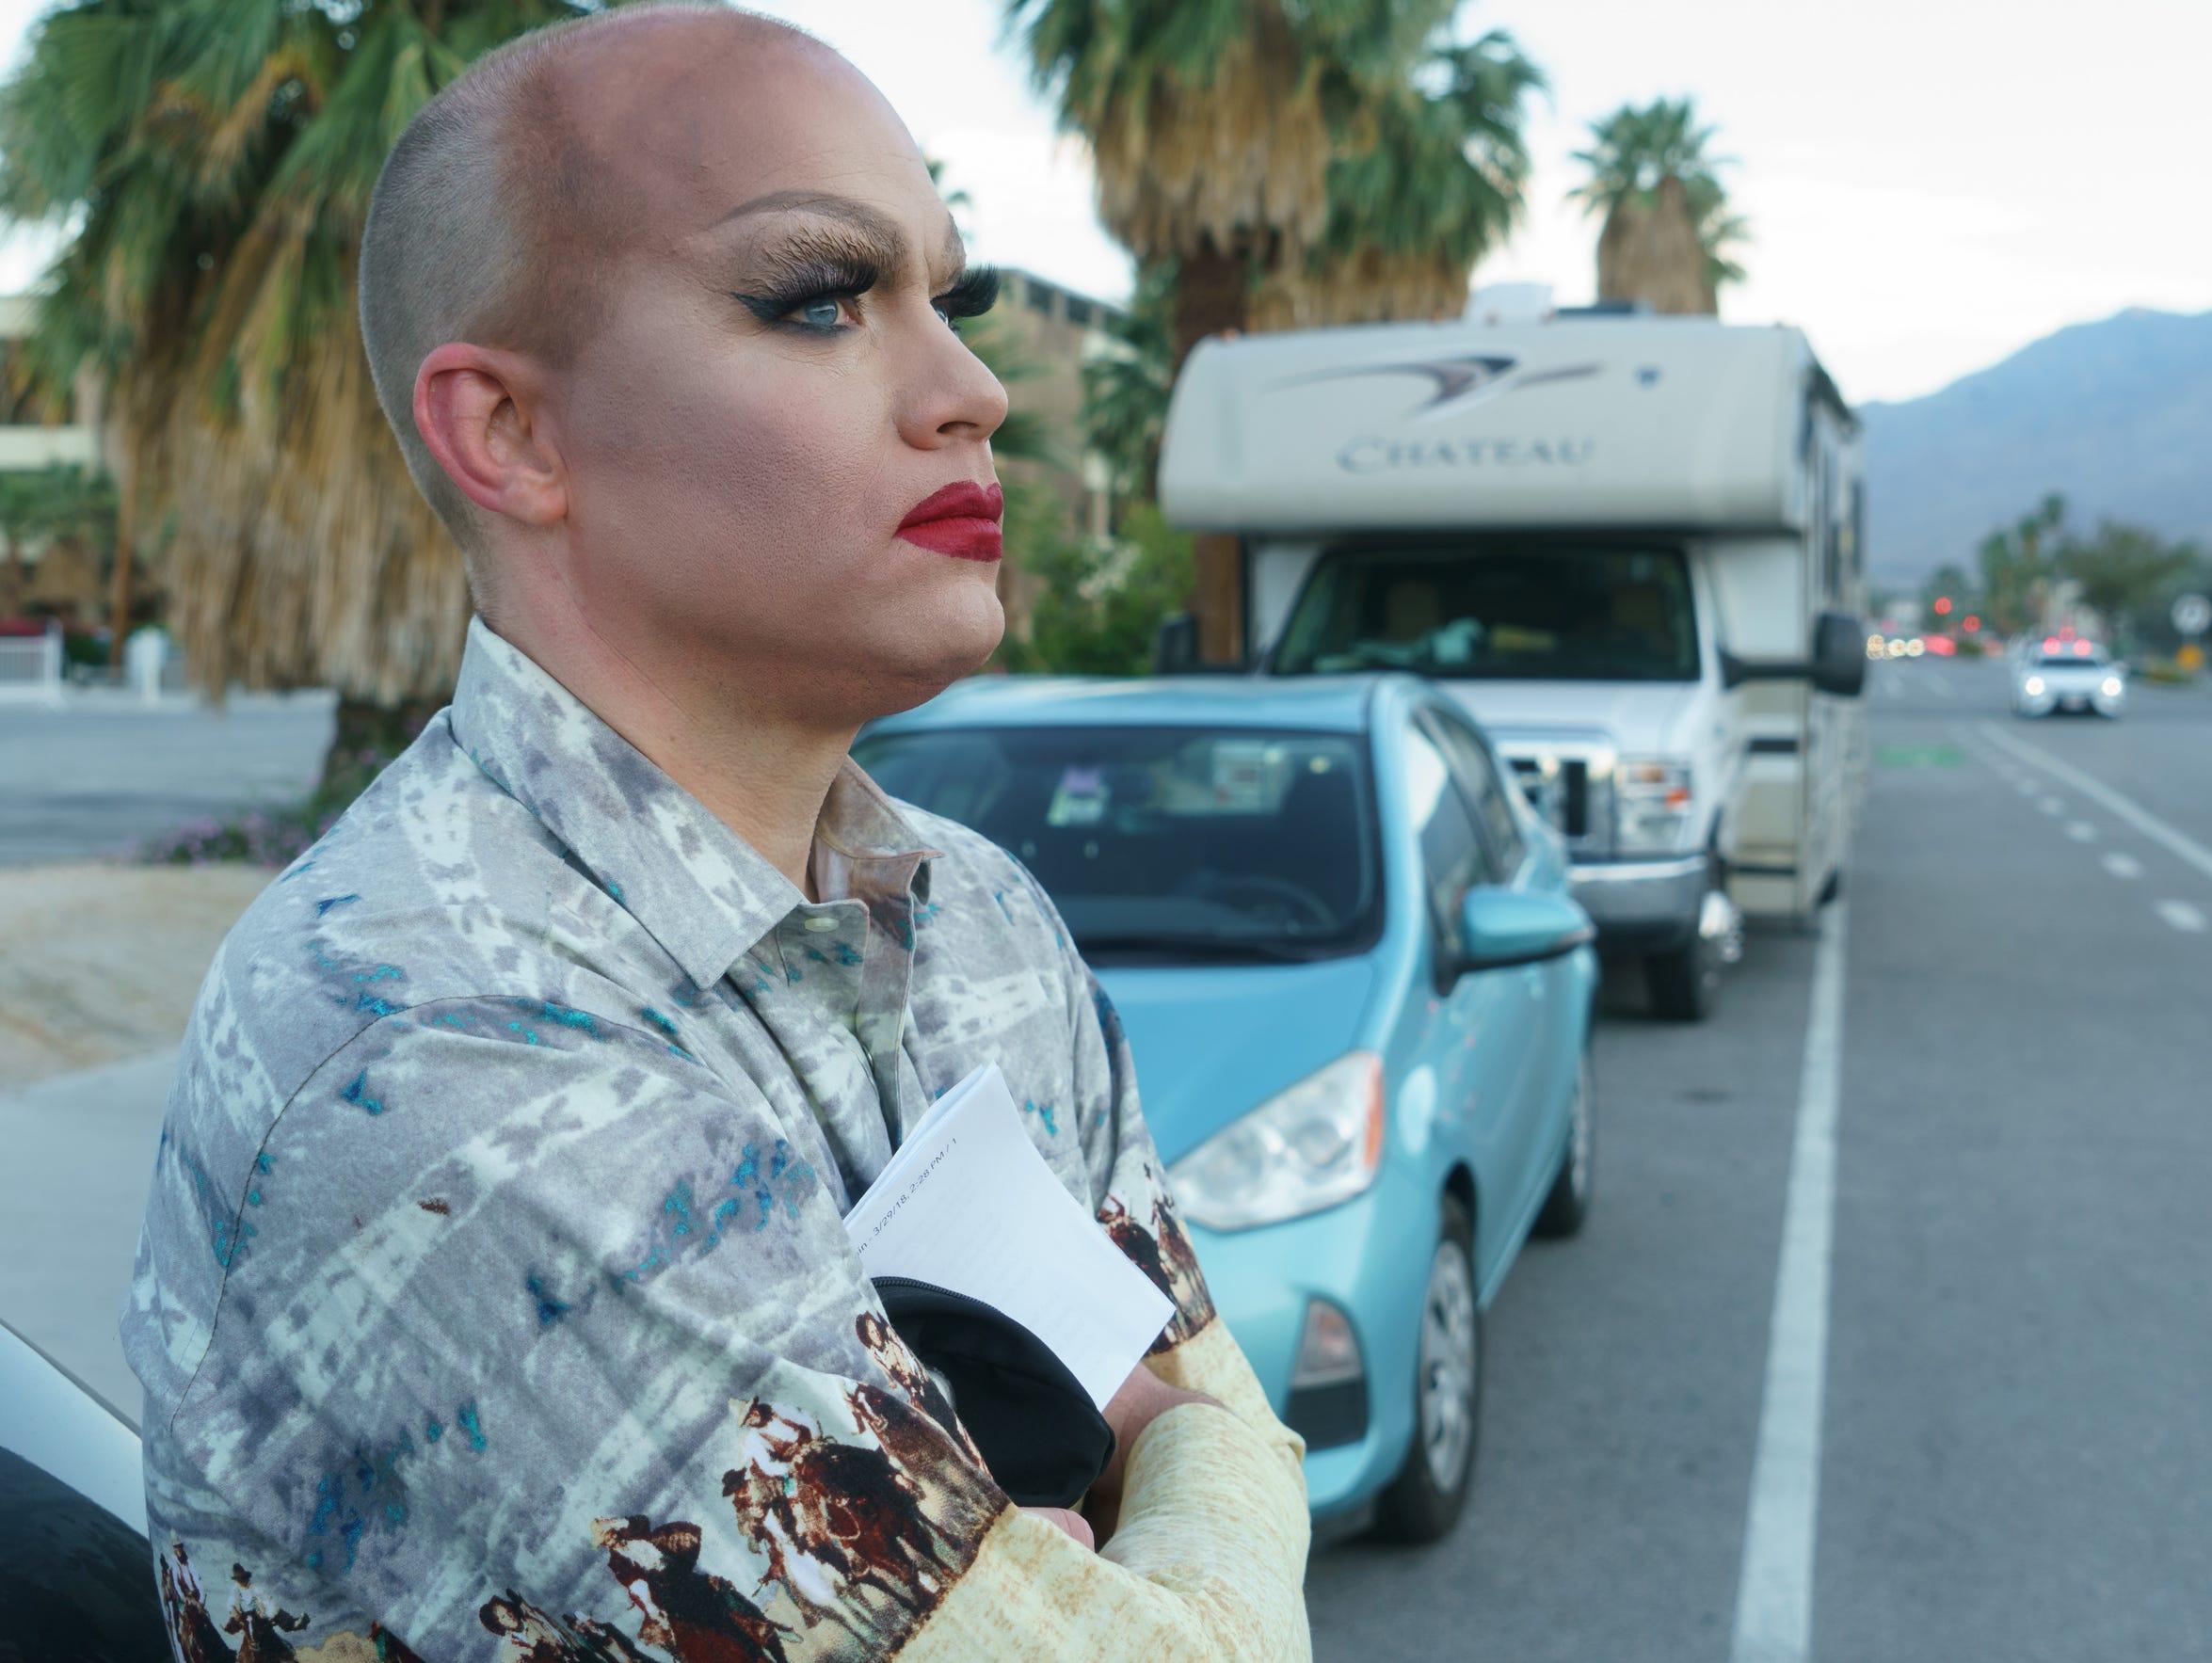 Robert Hopwood arrives at Copa Nightclub in Palm Springs,